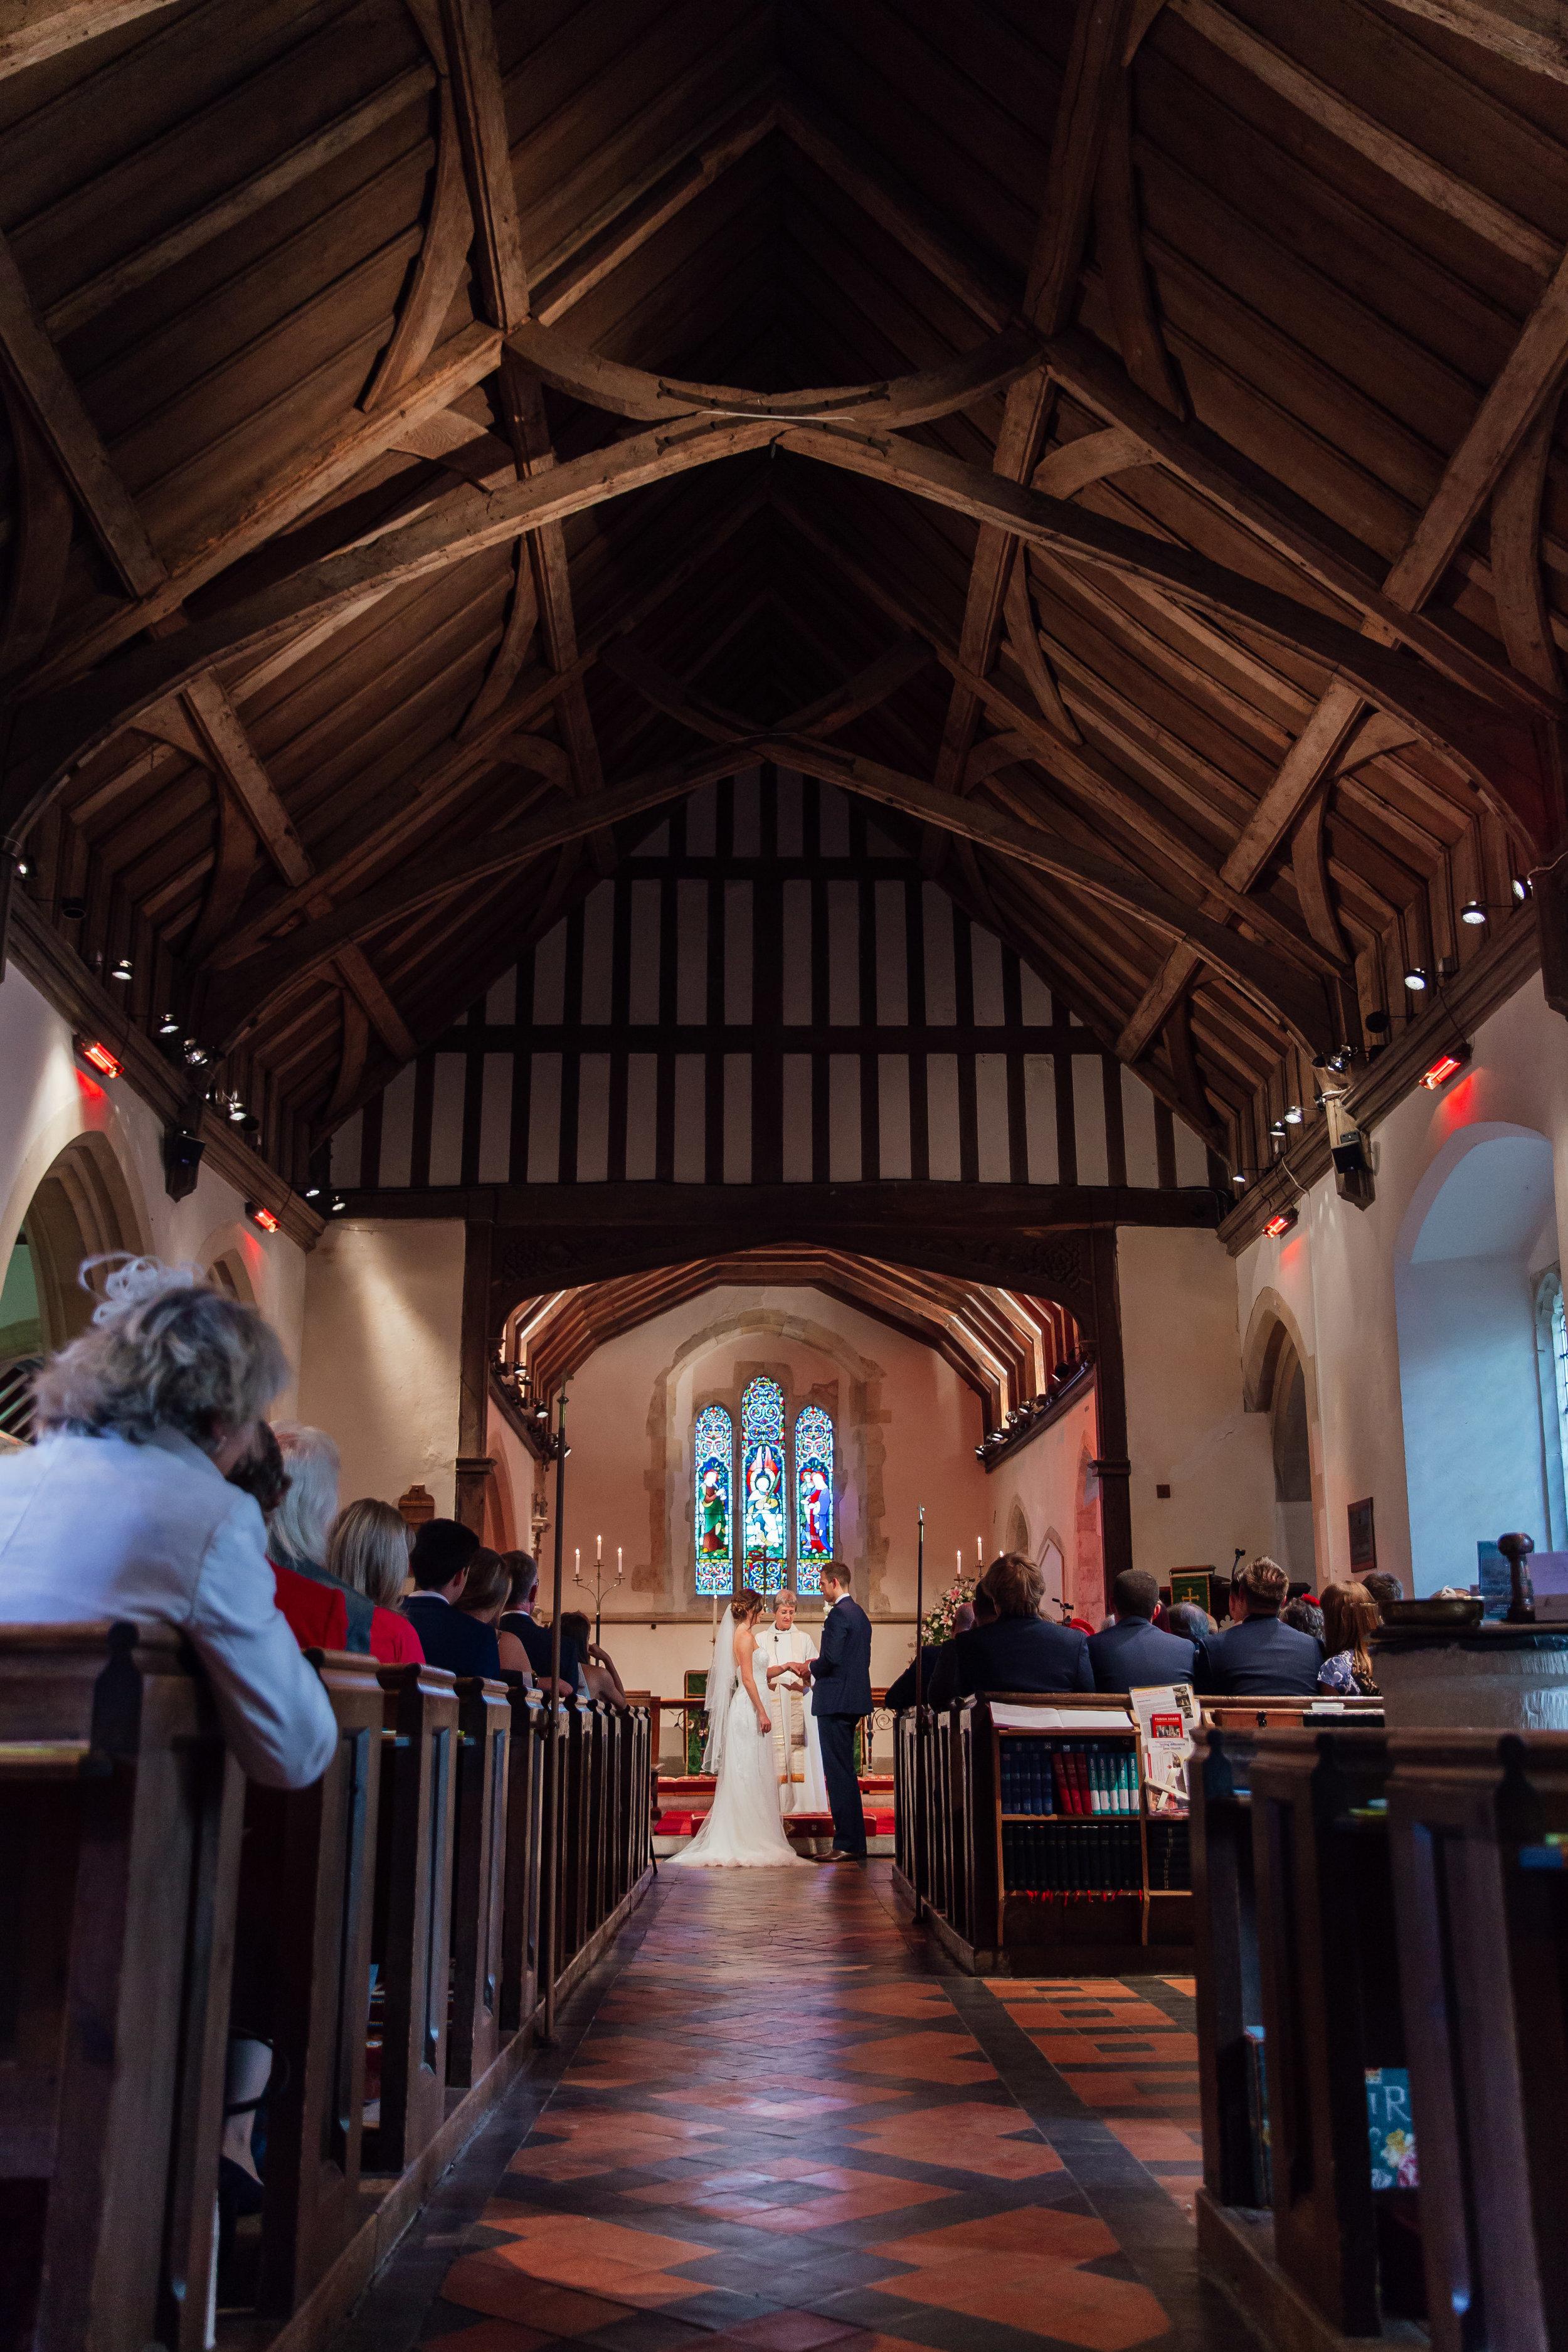 Hampshire-wedding-photographer : hampshire-village-hall-wedding : rotherwick-village-hall-wedding : wedding-photographer-hampshire : amy-james-photography : natural-wedding-photographer-hampshire : wedding-photographer-hampshire-324.jpg